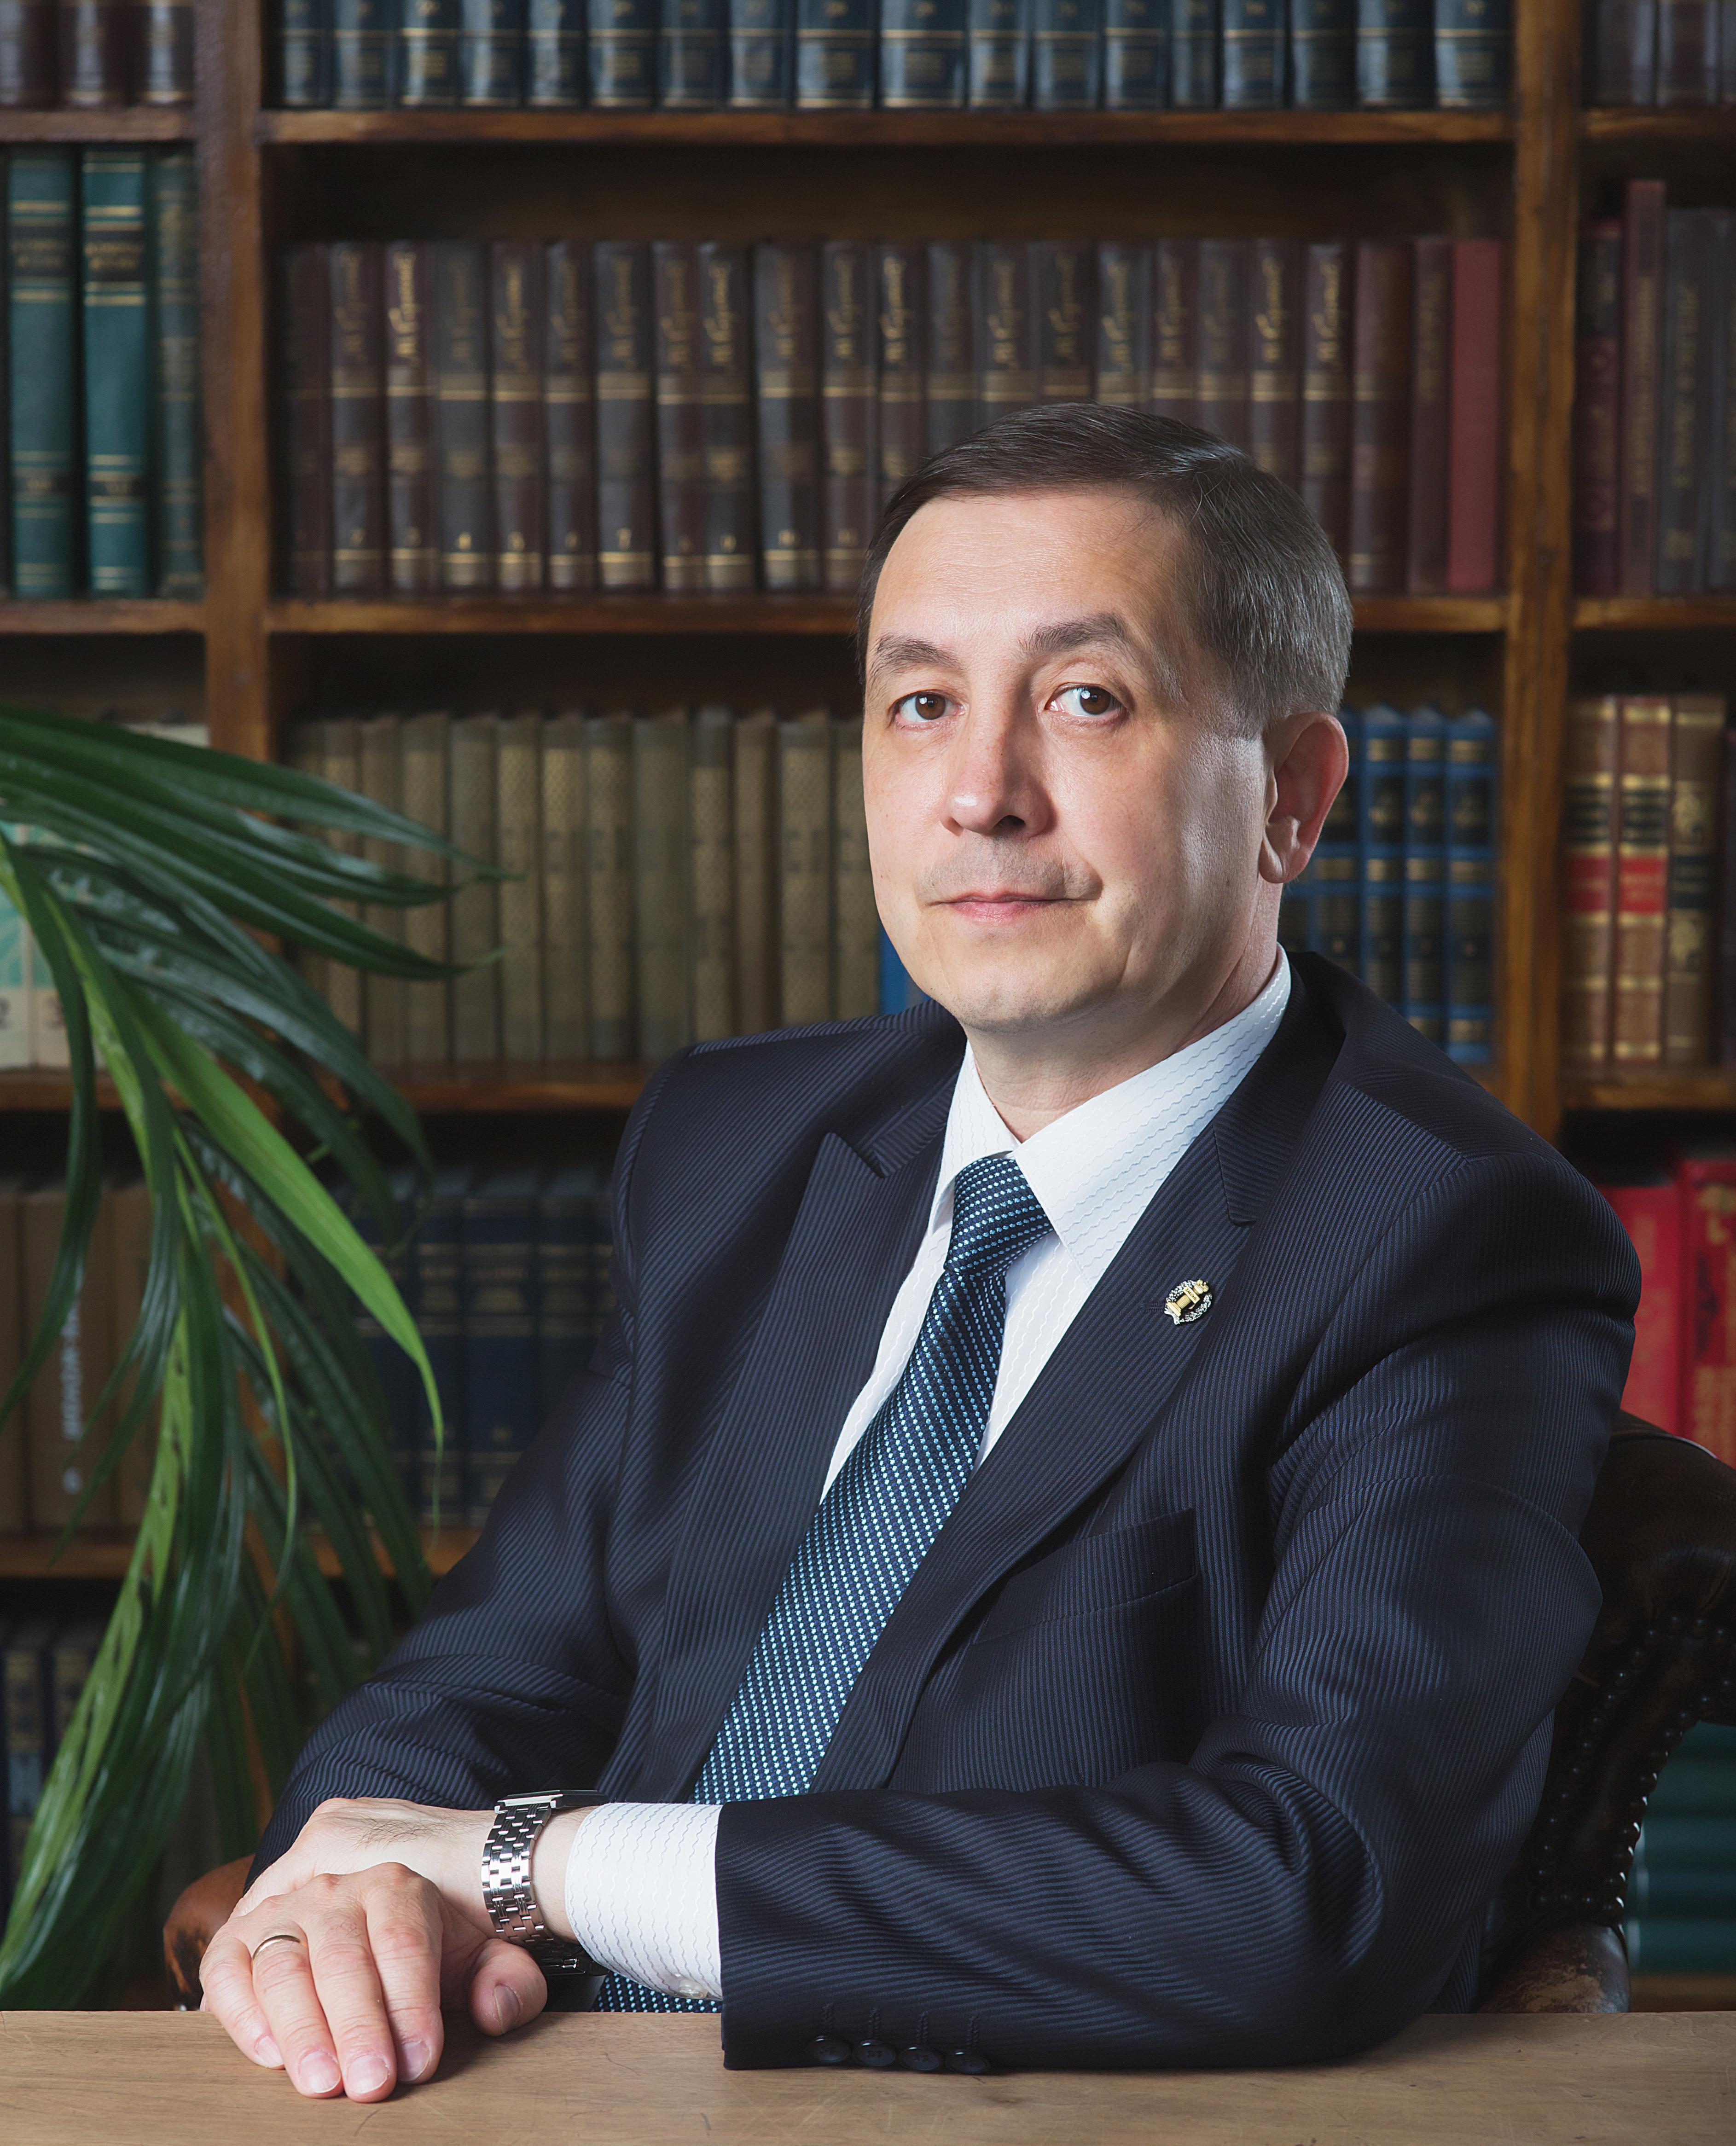 Надежный юрист  —  надежная защита